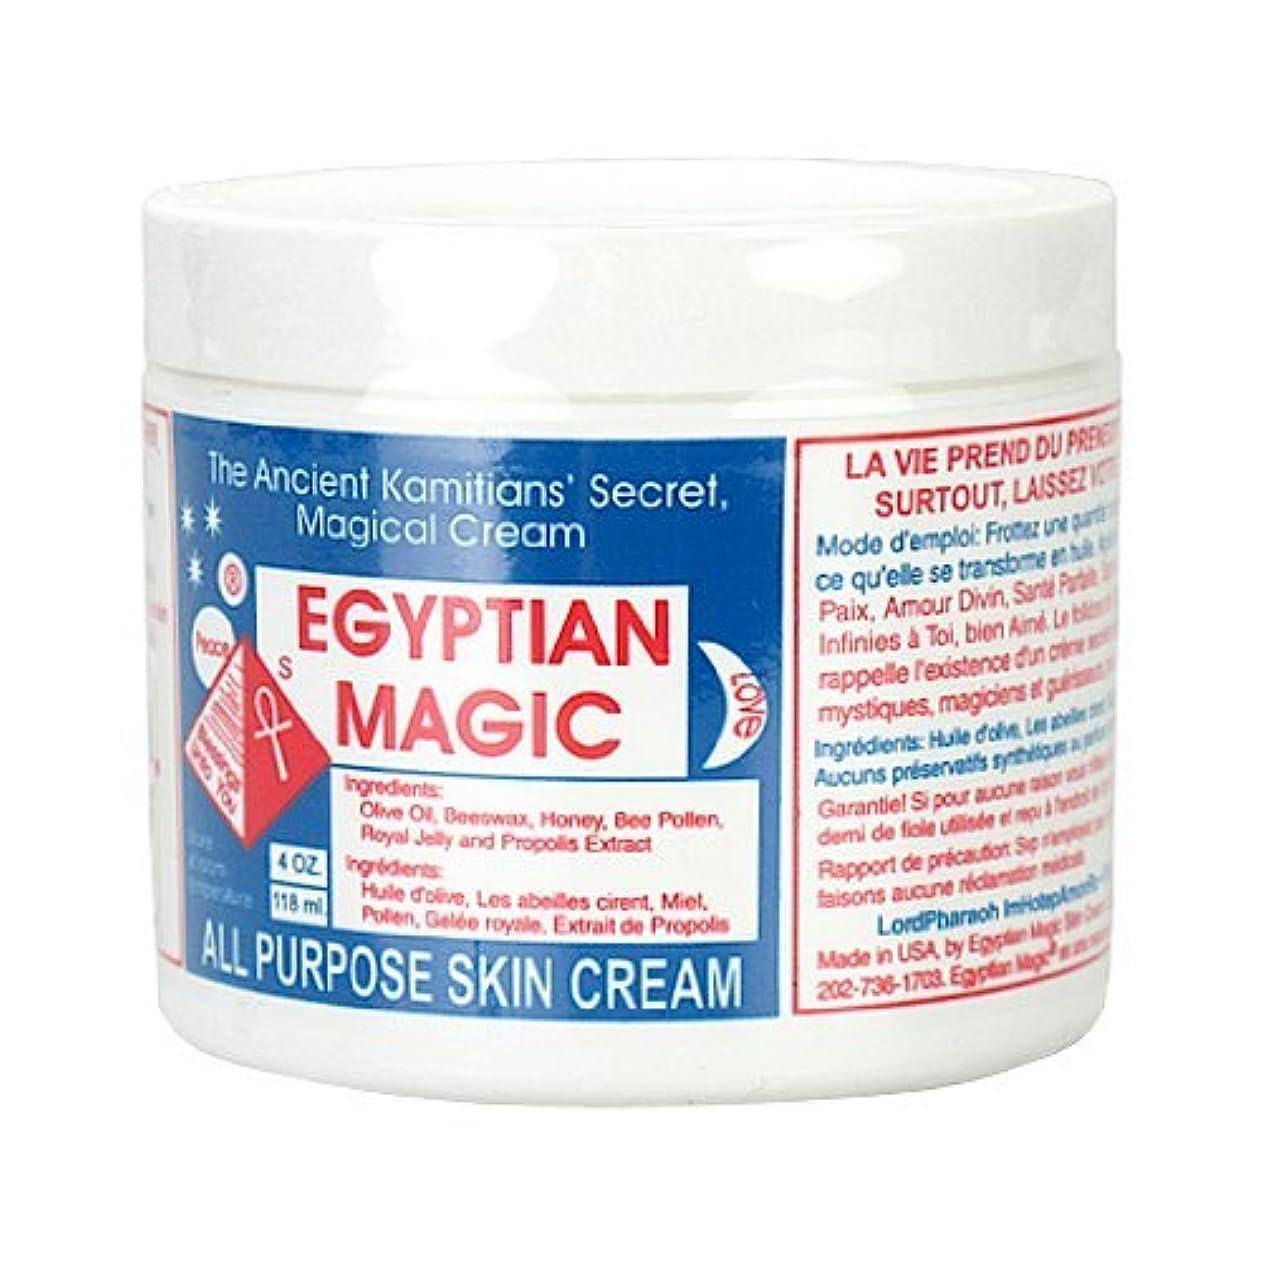 国家光景薄暗いエジプシャンマジック EGYPTIAN MAGIC エジプシャン マジック クリーム 118ml 保湿クリーム